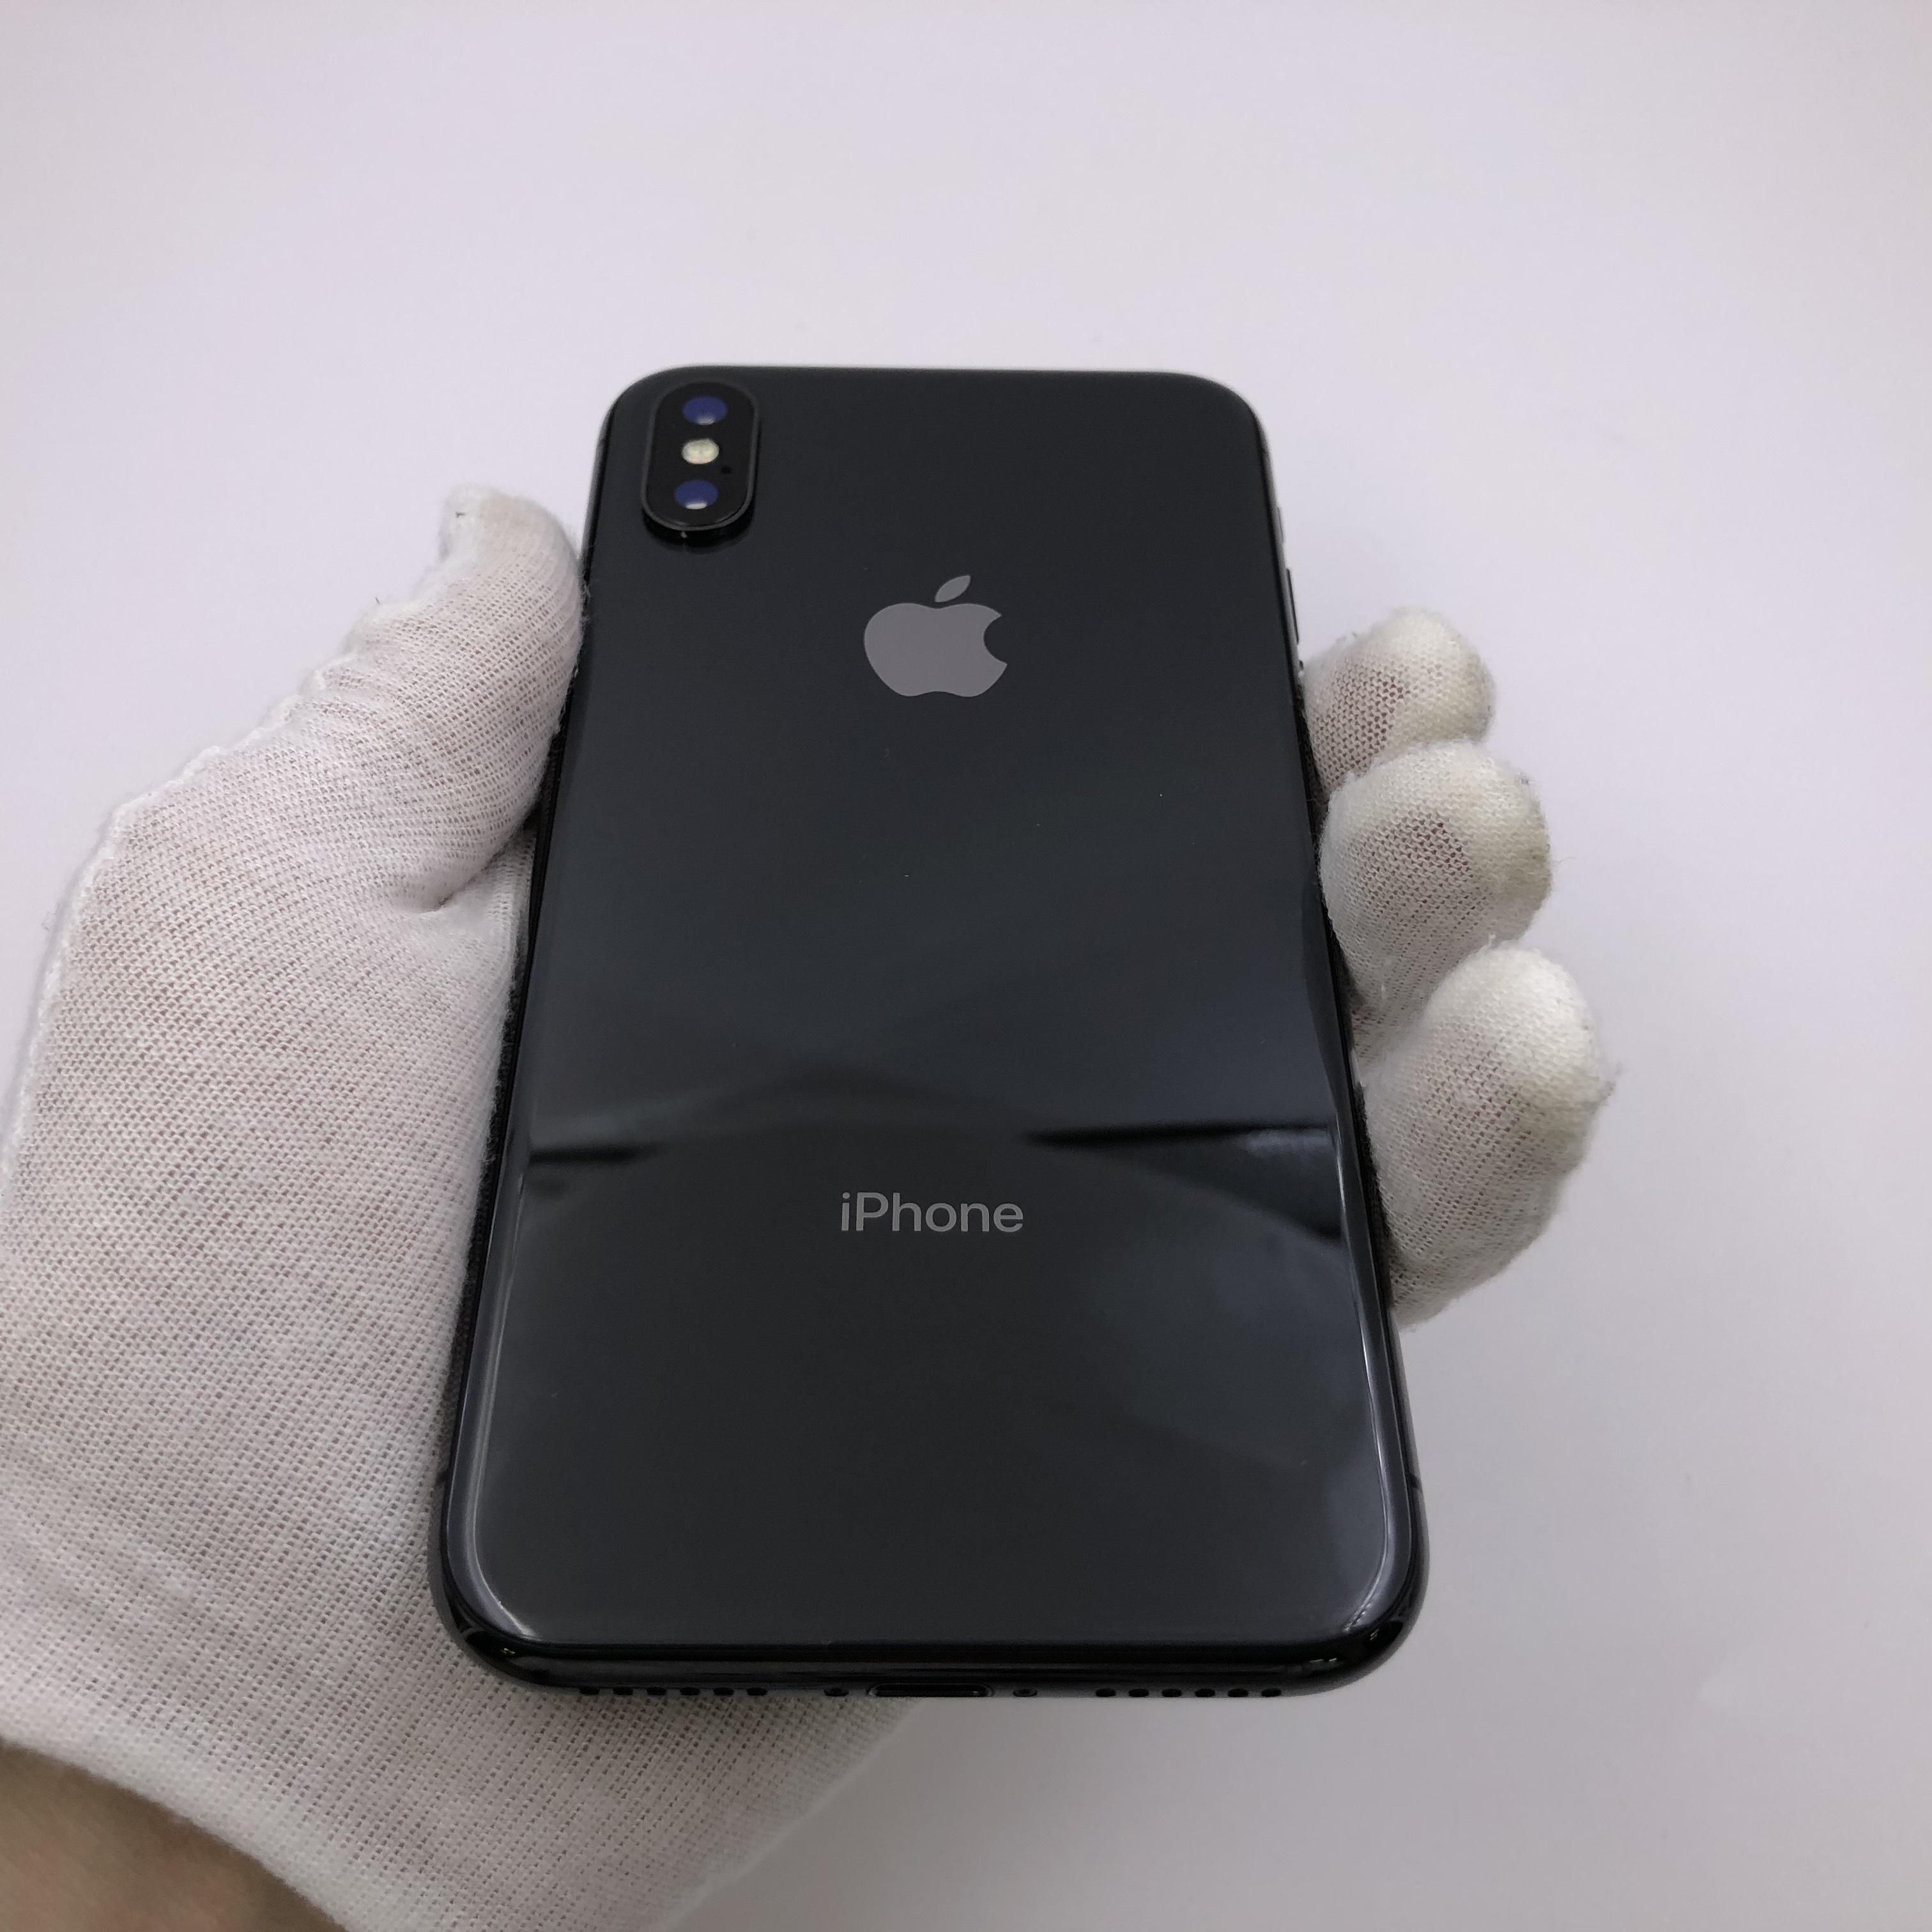 苹果【iPhone Xs】4G全网通 深空灰 256G 国行 95新